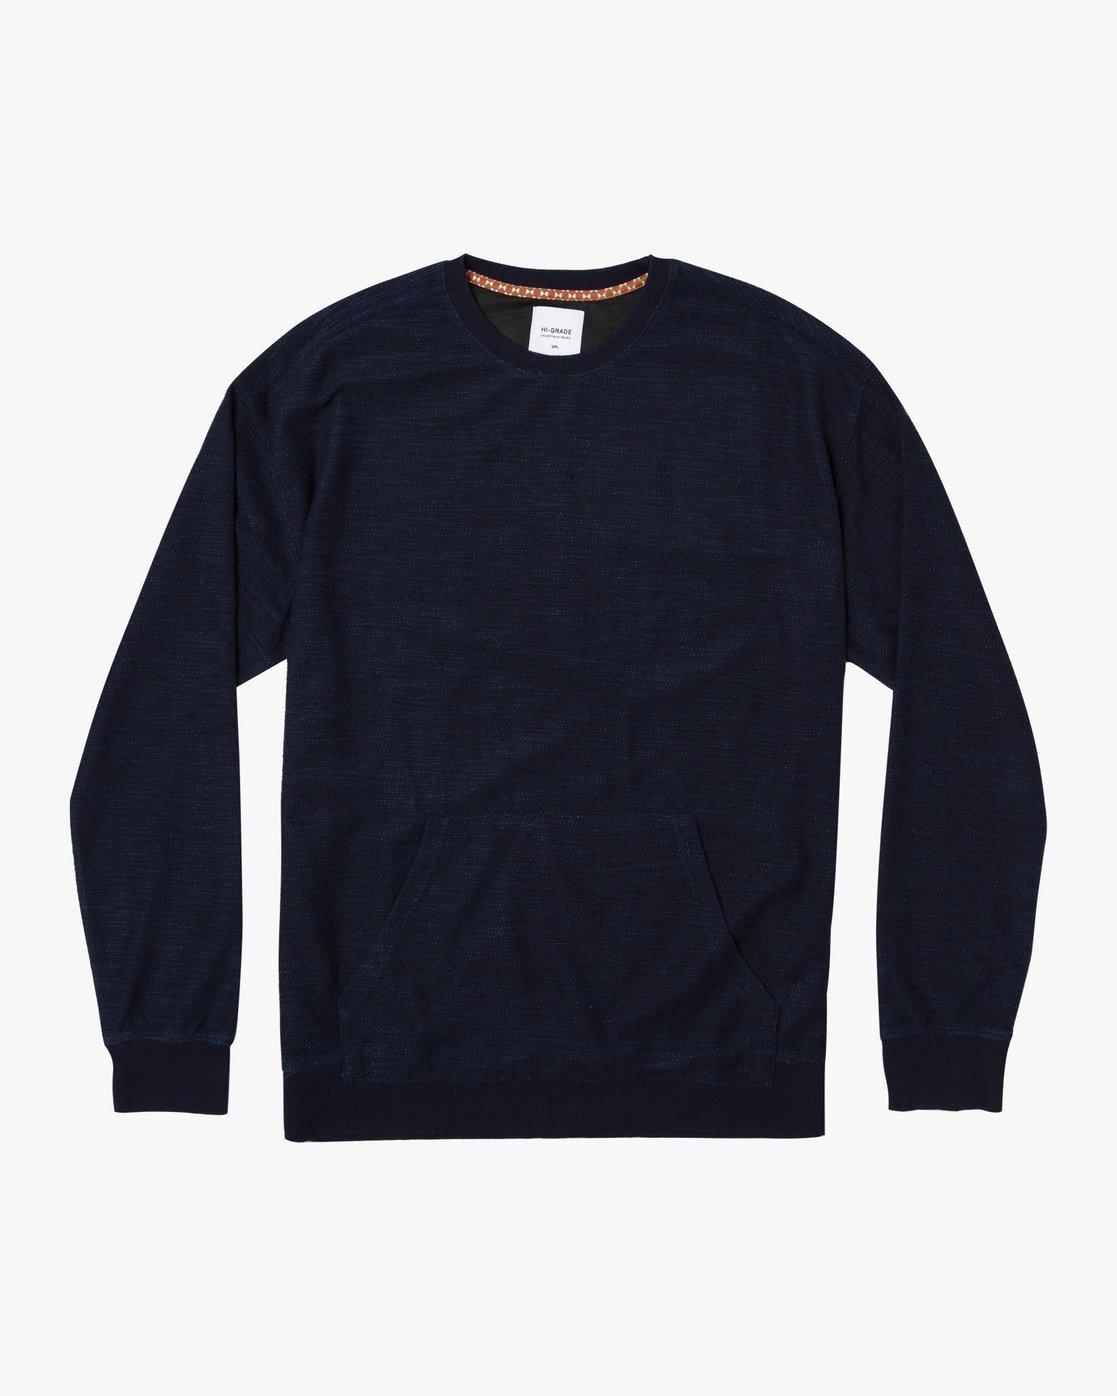 0 Hi - rade Crew - Sweatshirt Blue Q1CRRBRVF9 RVCA